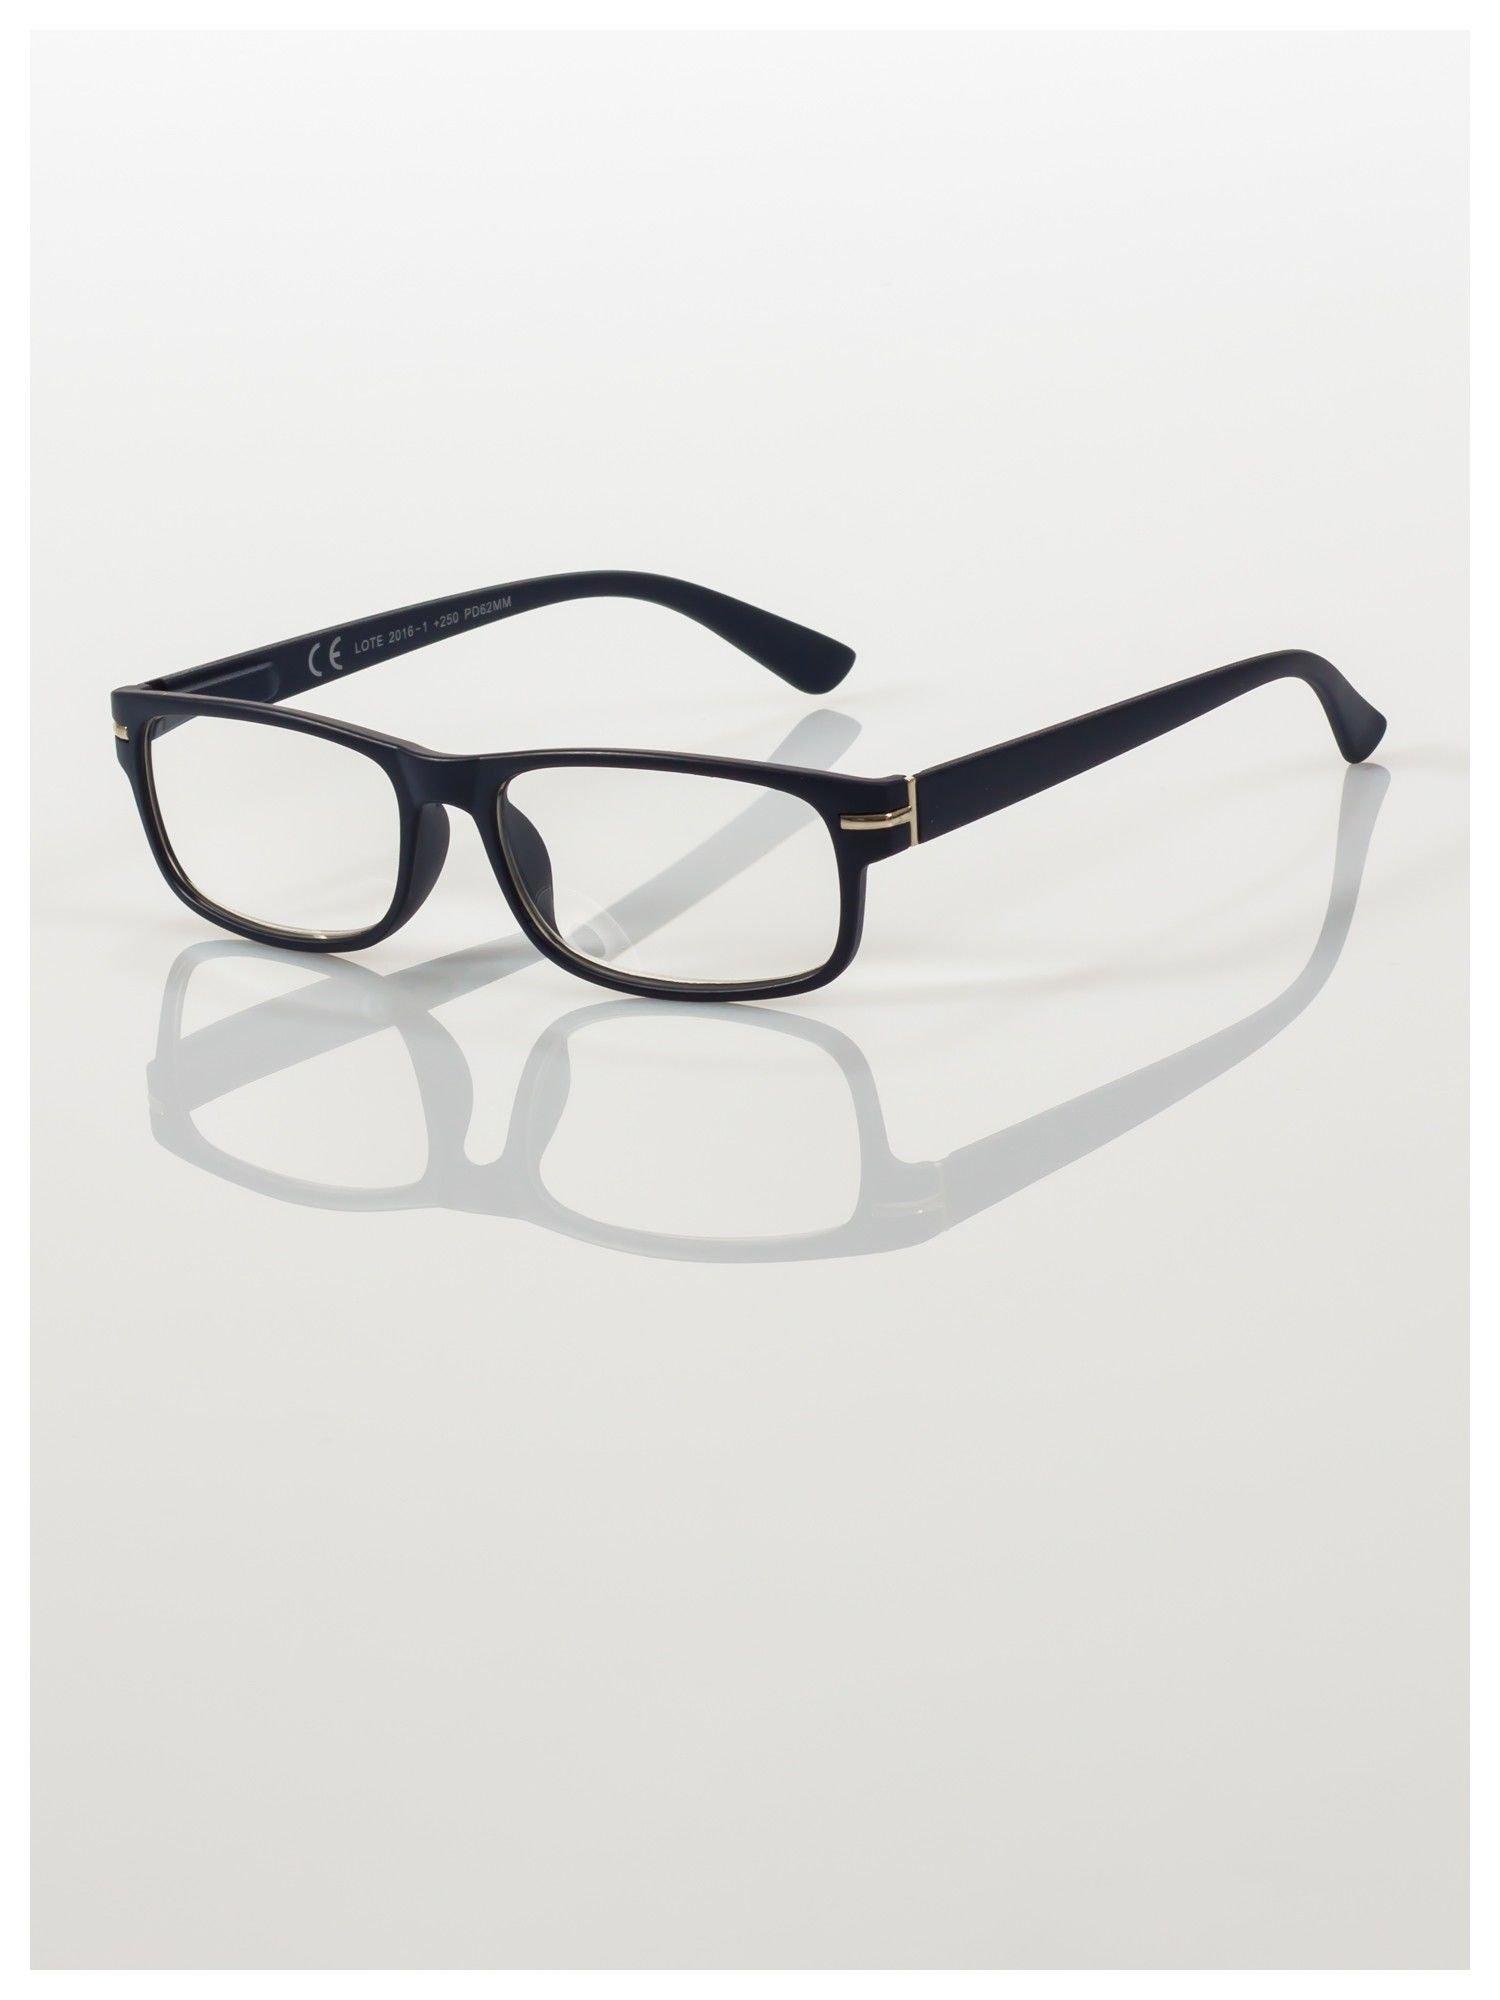 Eleganckie granatowe matowe korekcyjne okulary do czytania +2.5 D  z sytemem FLEX na zausznikach                                  zdj.                                  1